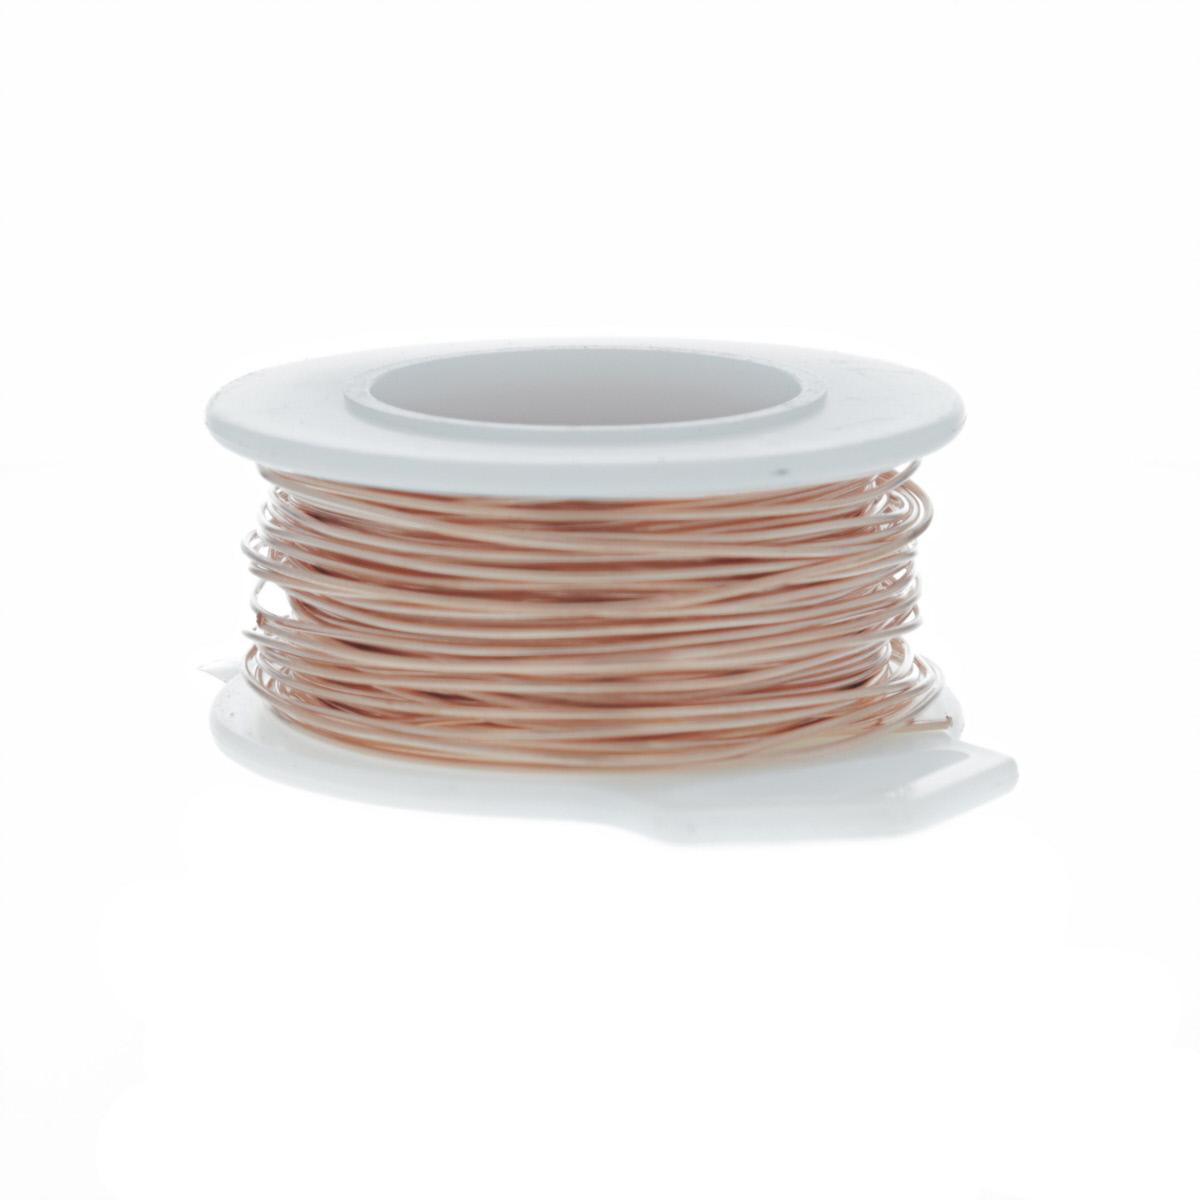 12 Gauge Round Copper Craft Wire - 5 ft: Wire Jewelry | Wire Wrap ...